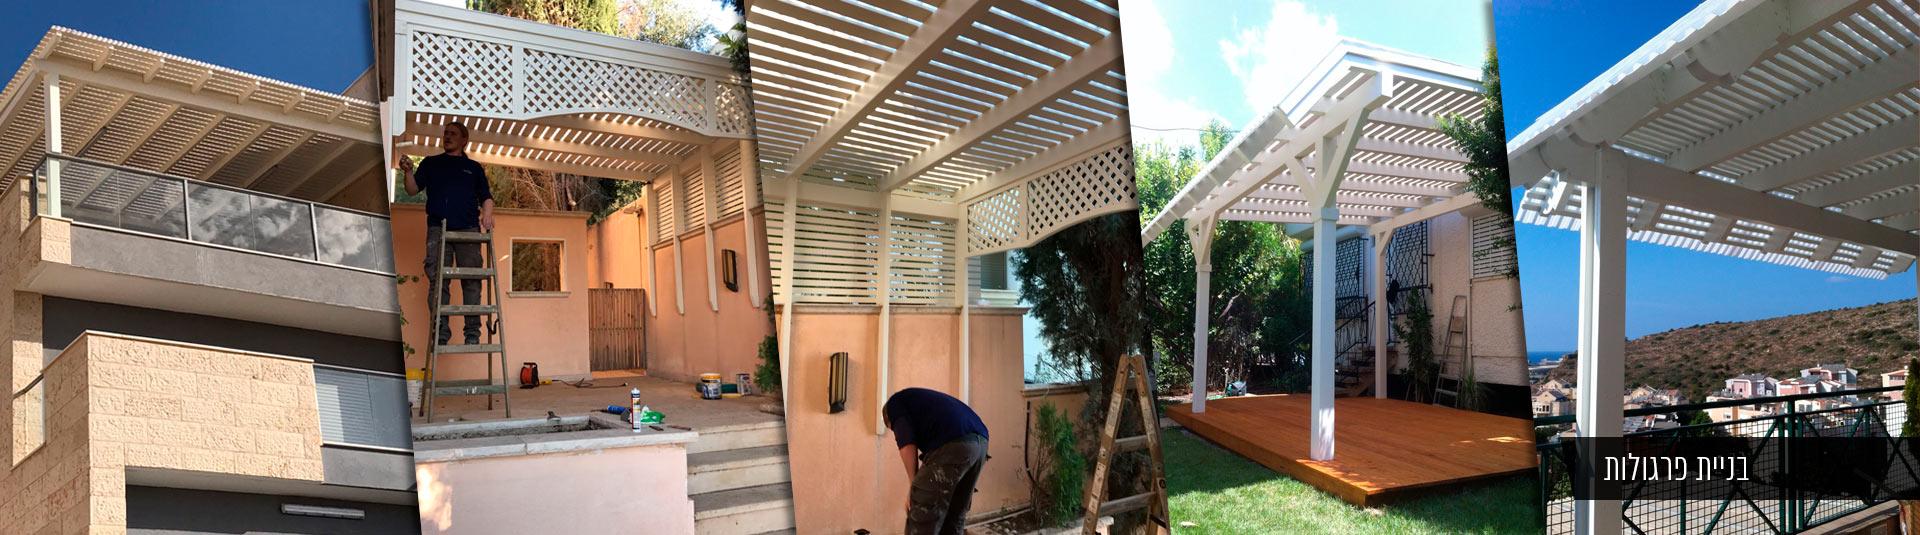 בניית פרגולות בחיפה